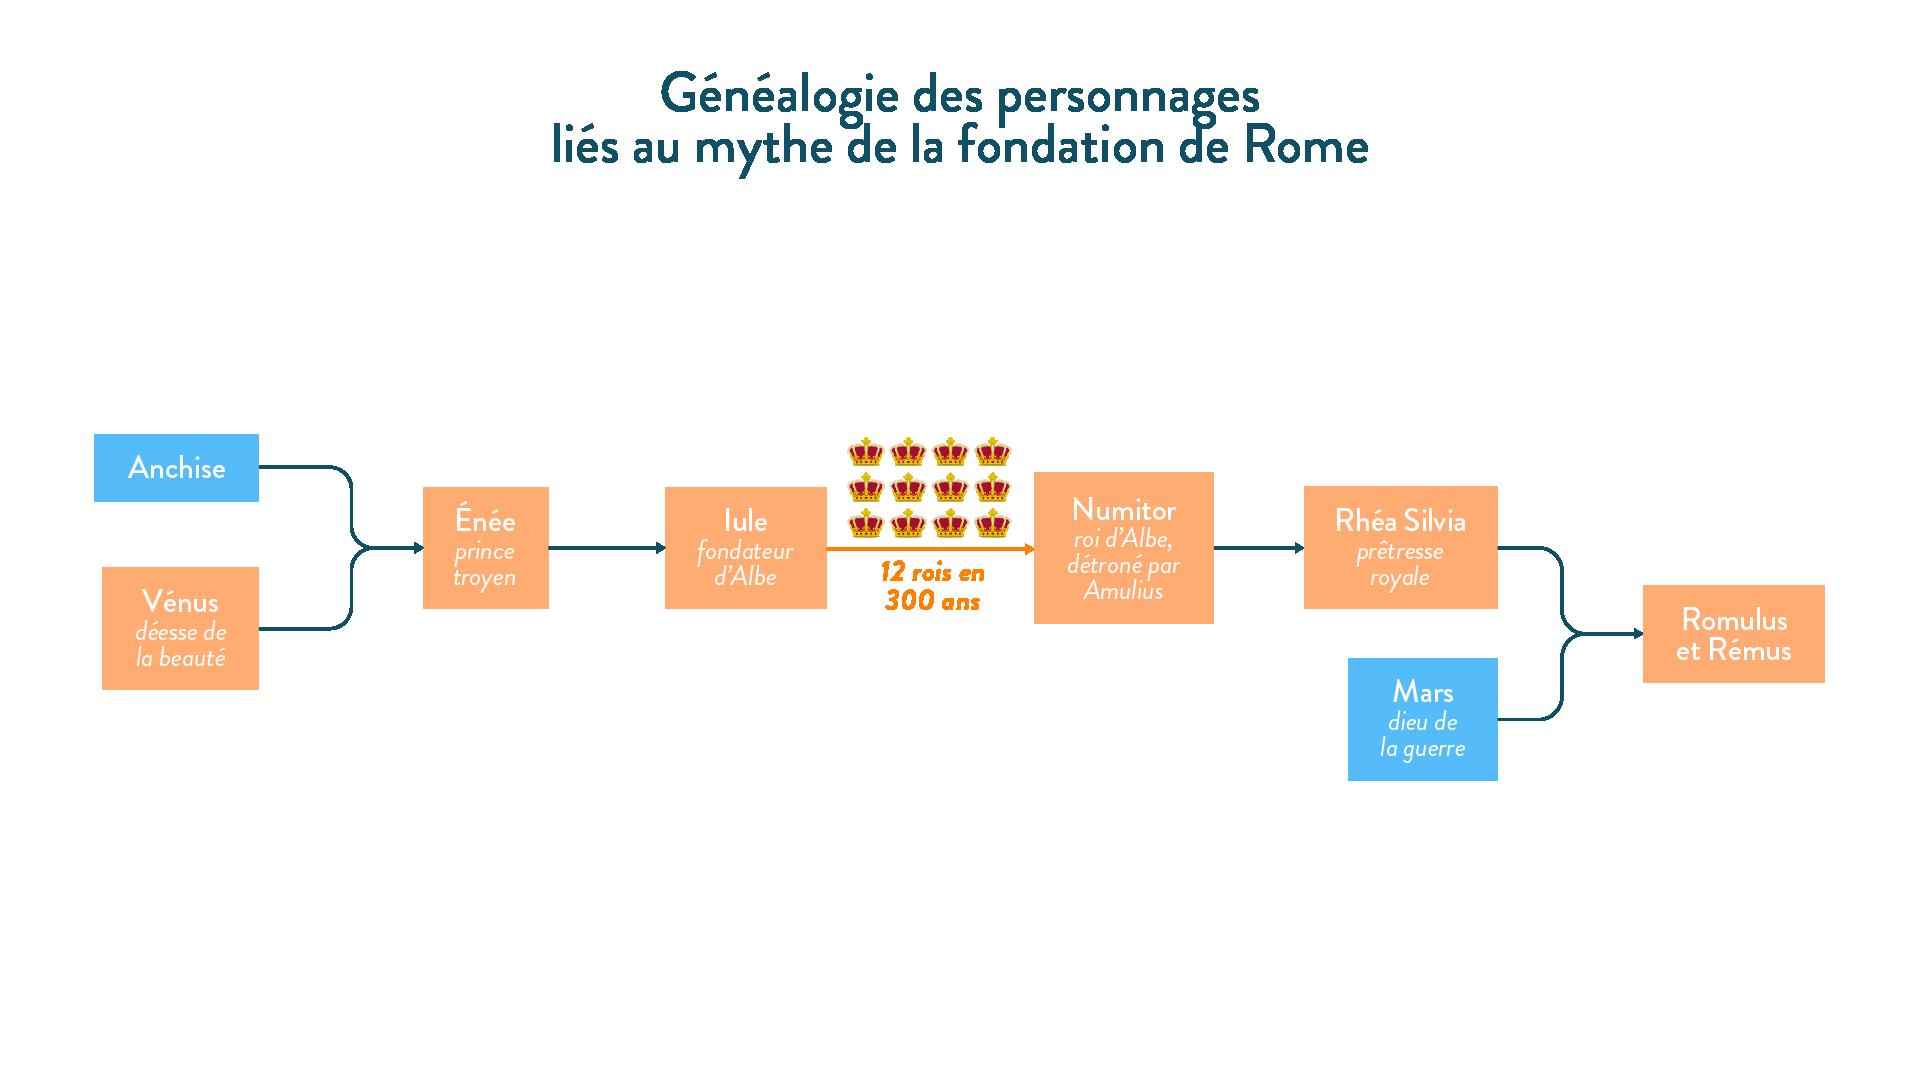 Généalogie des personnages liés à la fondation du mythe de la fondation de Rome-histoire-6e